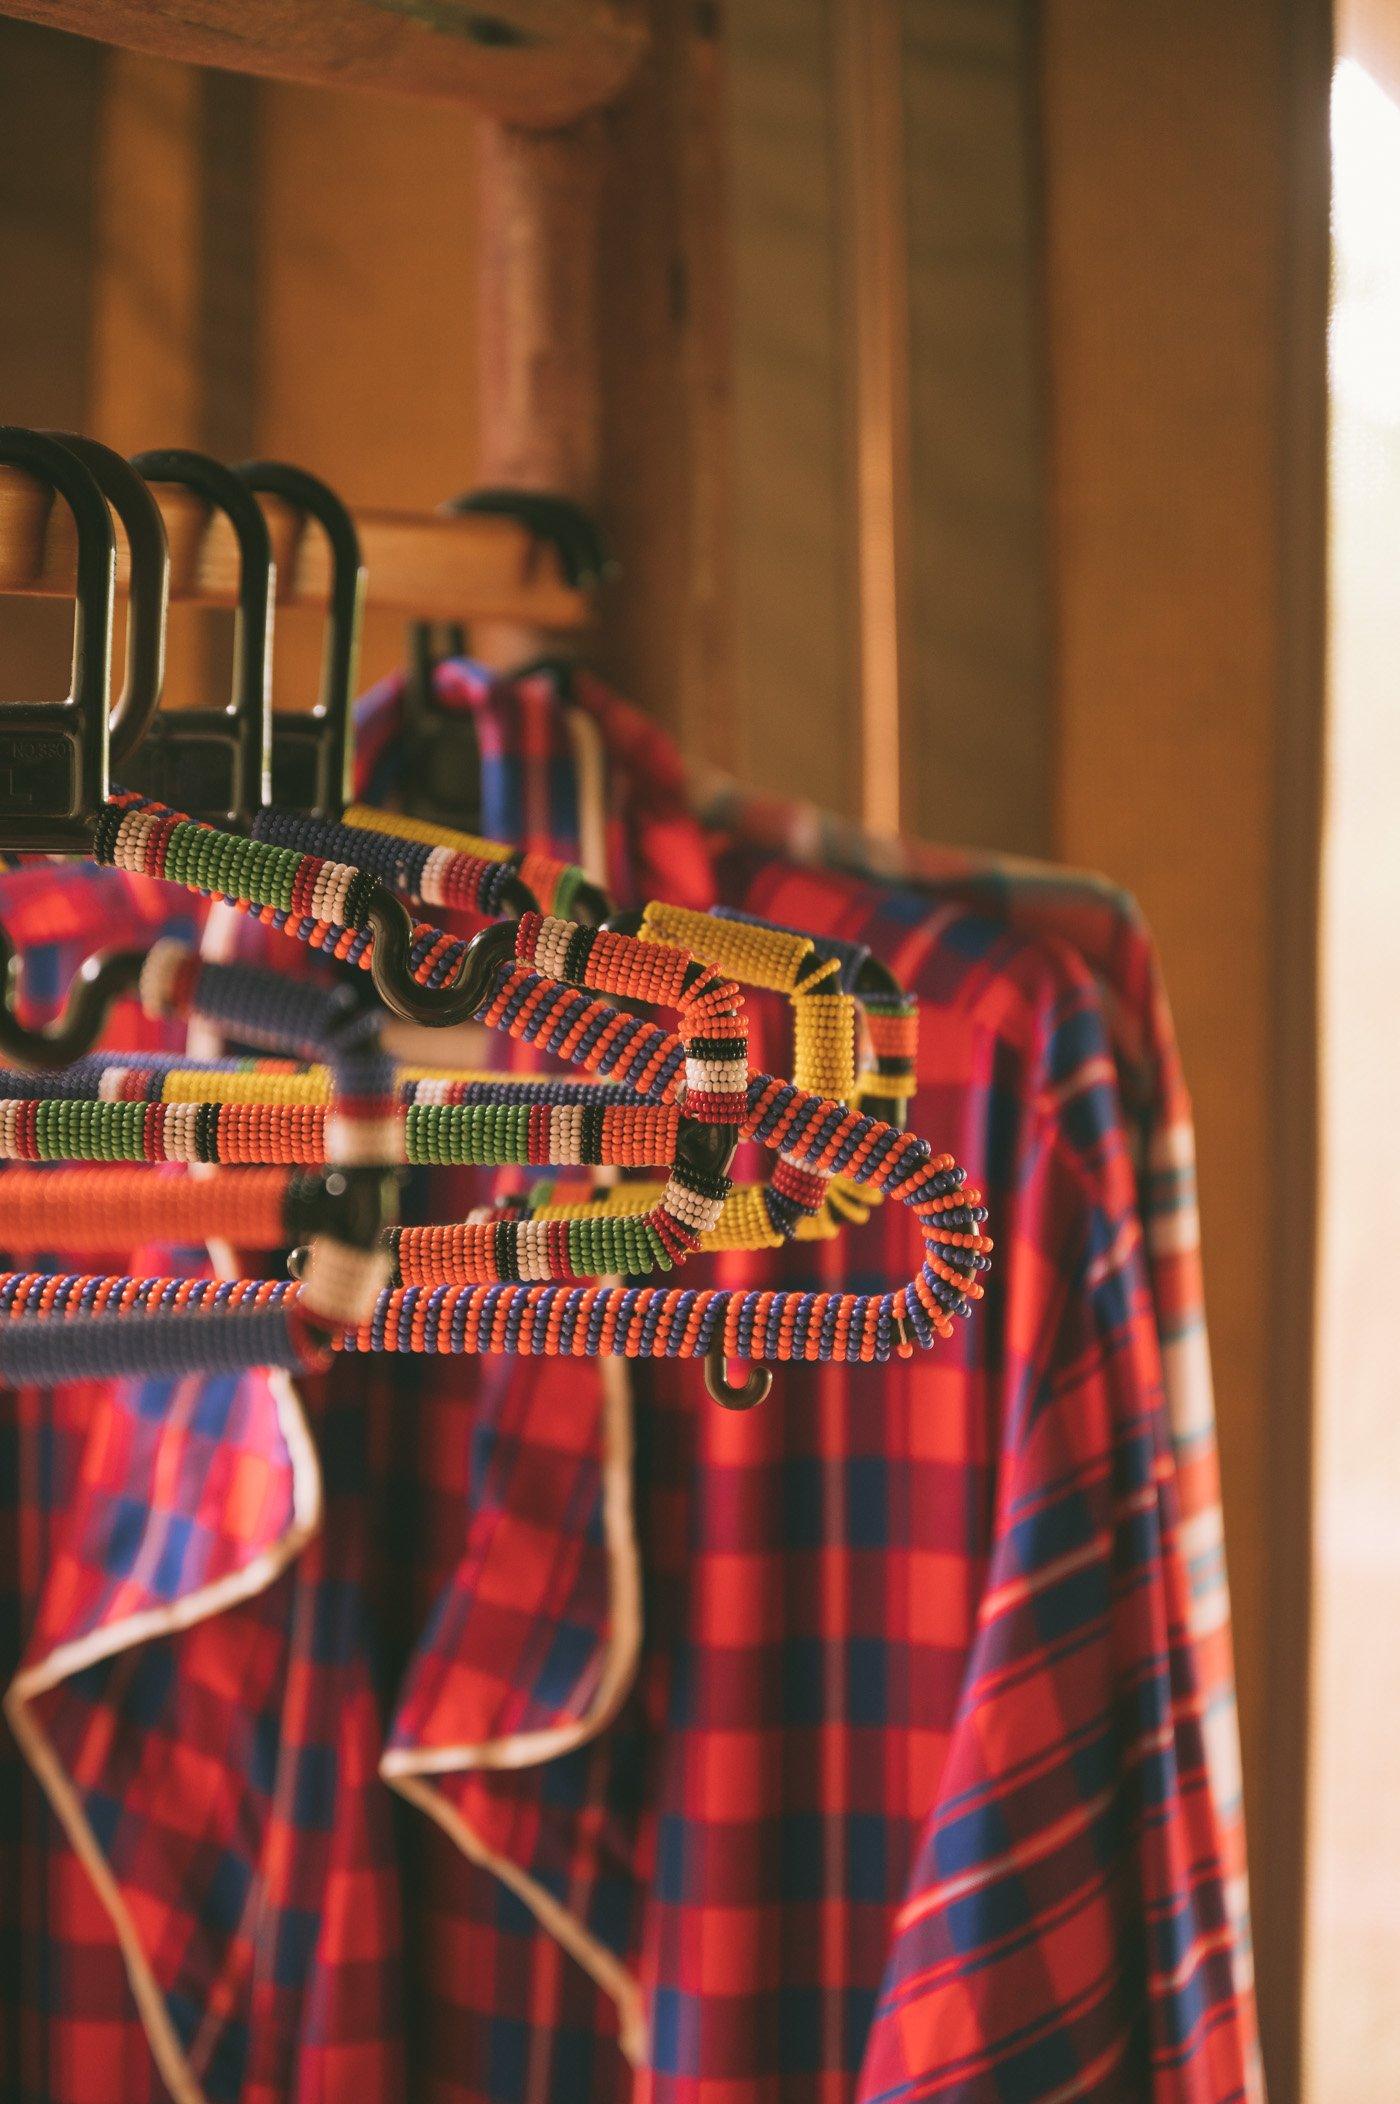 Clothing hangers at the Rooms at Tangulia Mara Camp in the Maasai Mara in Kenya